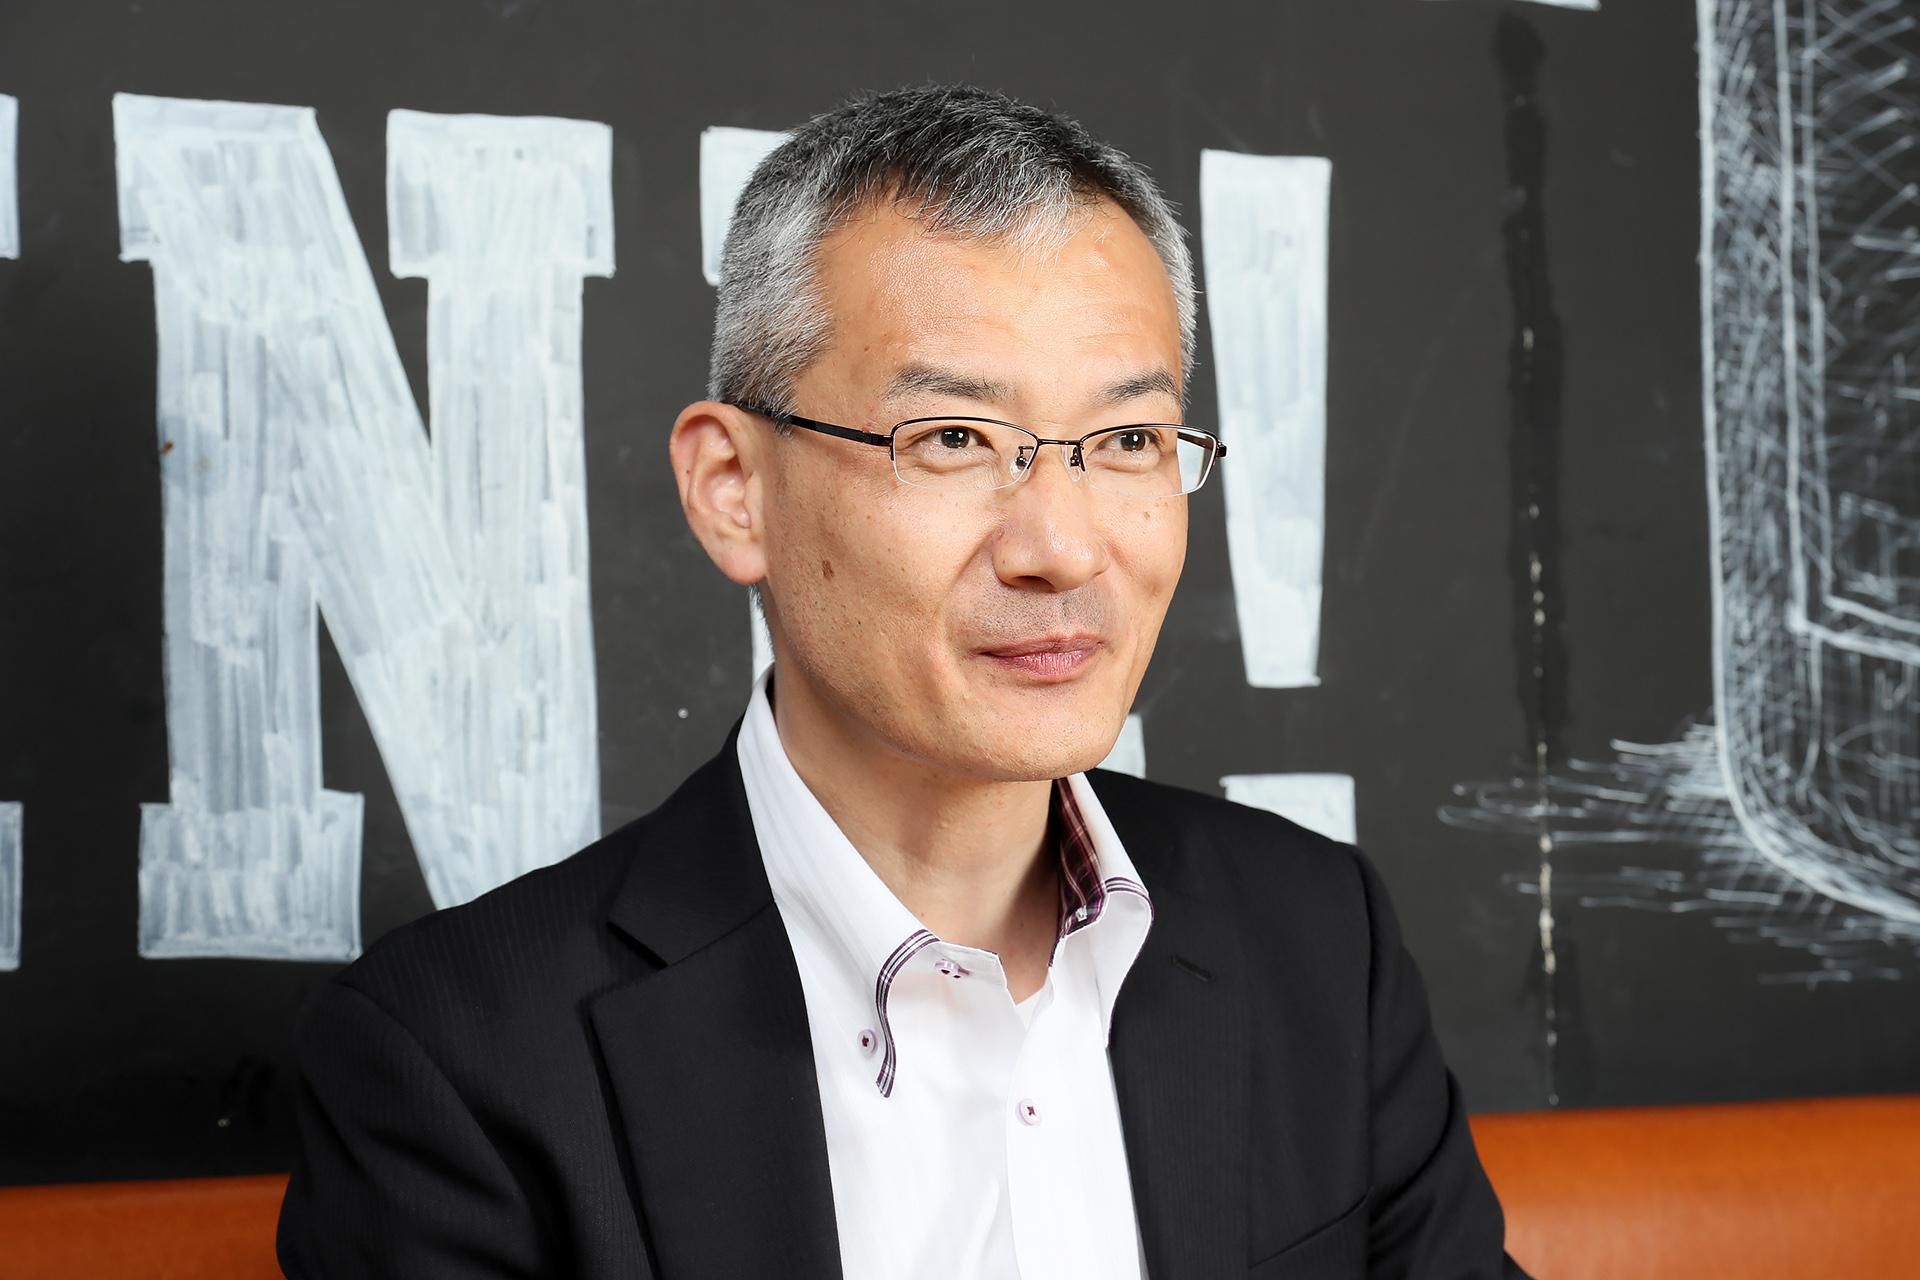 株式会社ProjectWhite取締役 営業本部長の後藤賢志氏